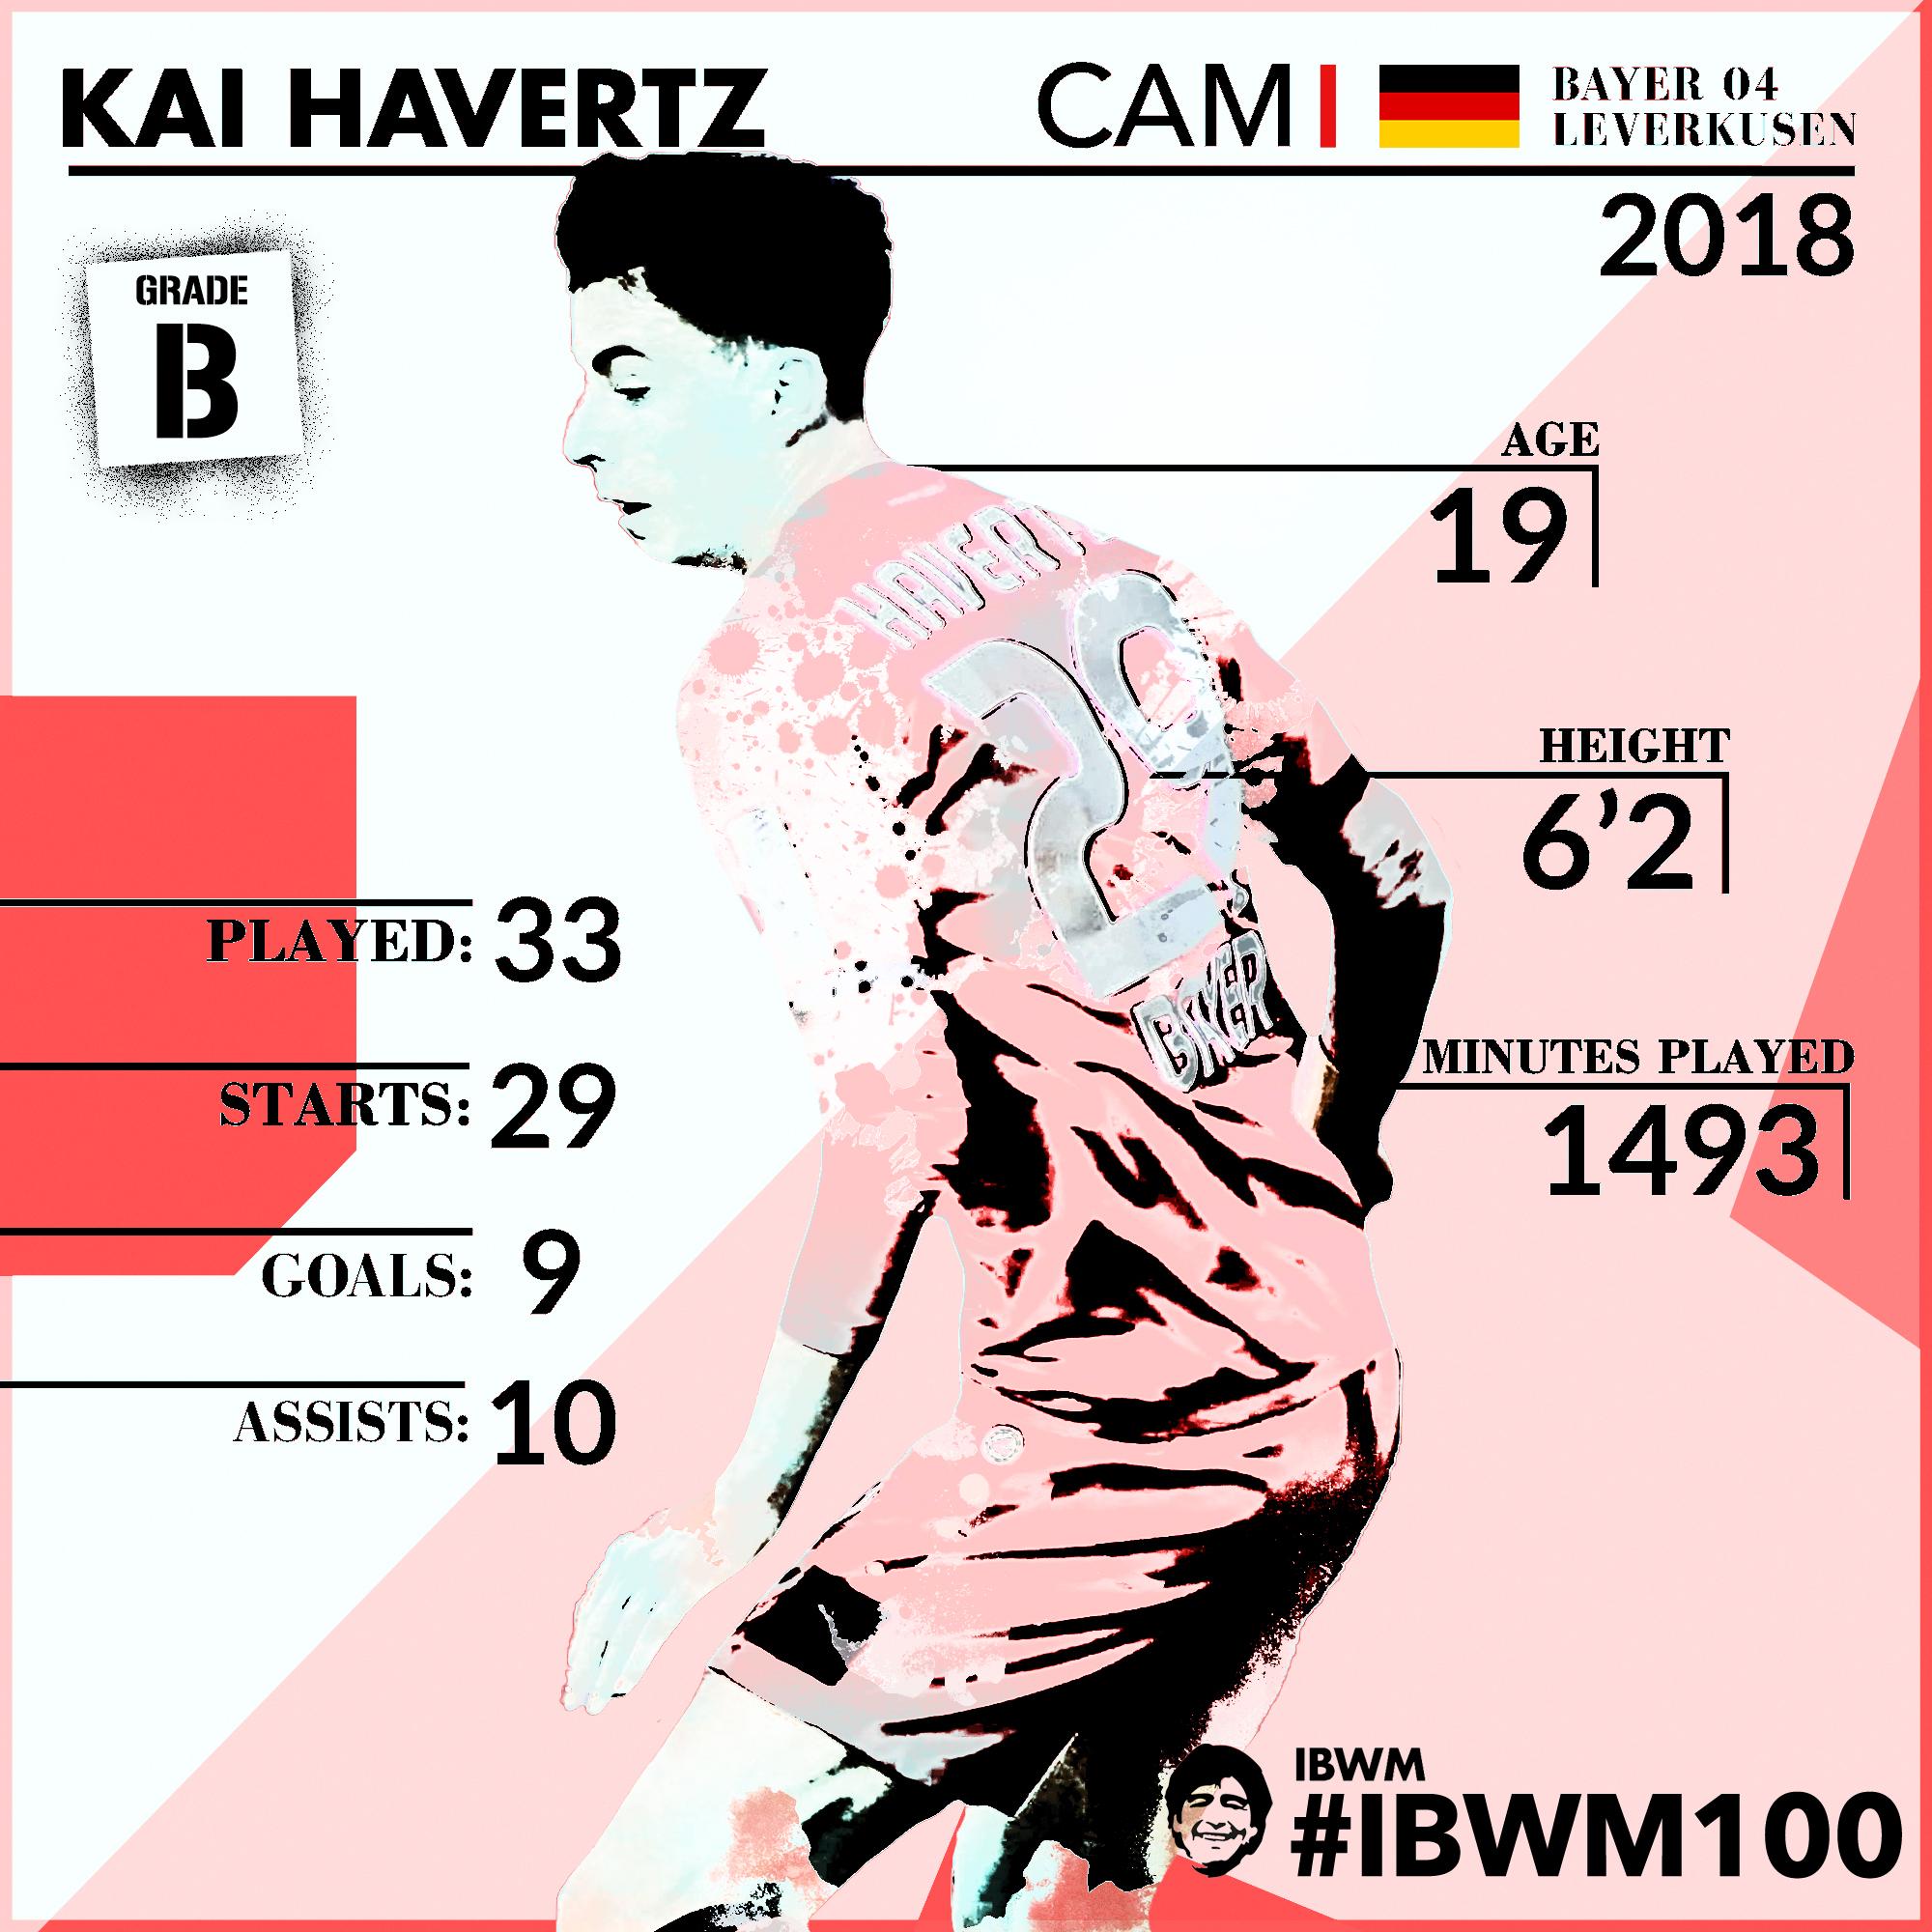 IBWM - Kai Havertz.jpg